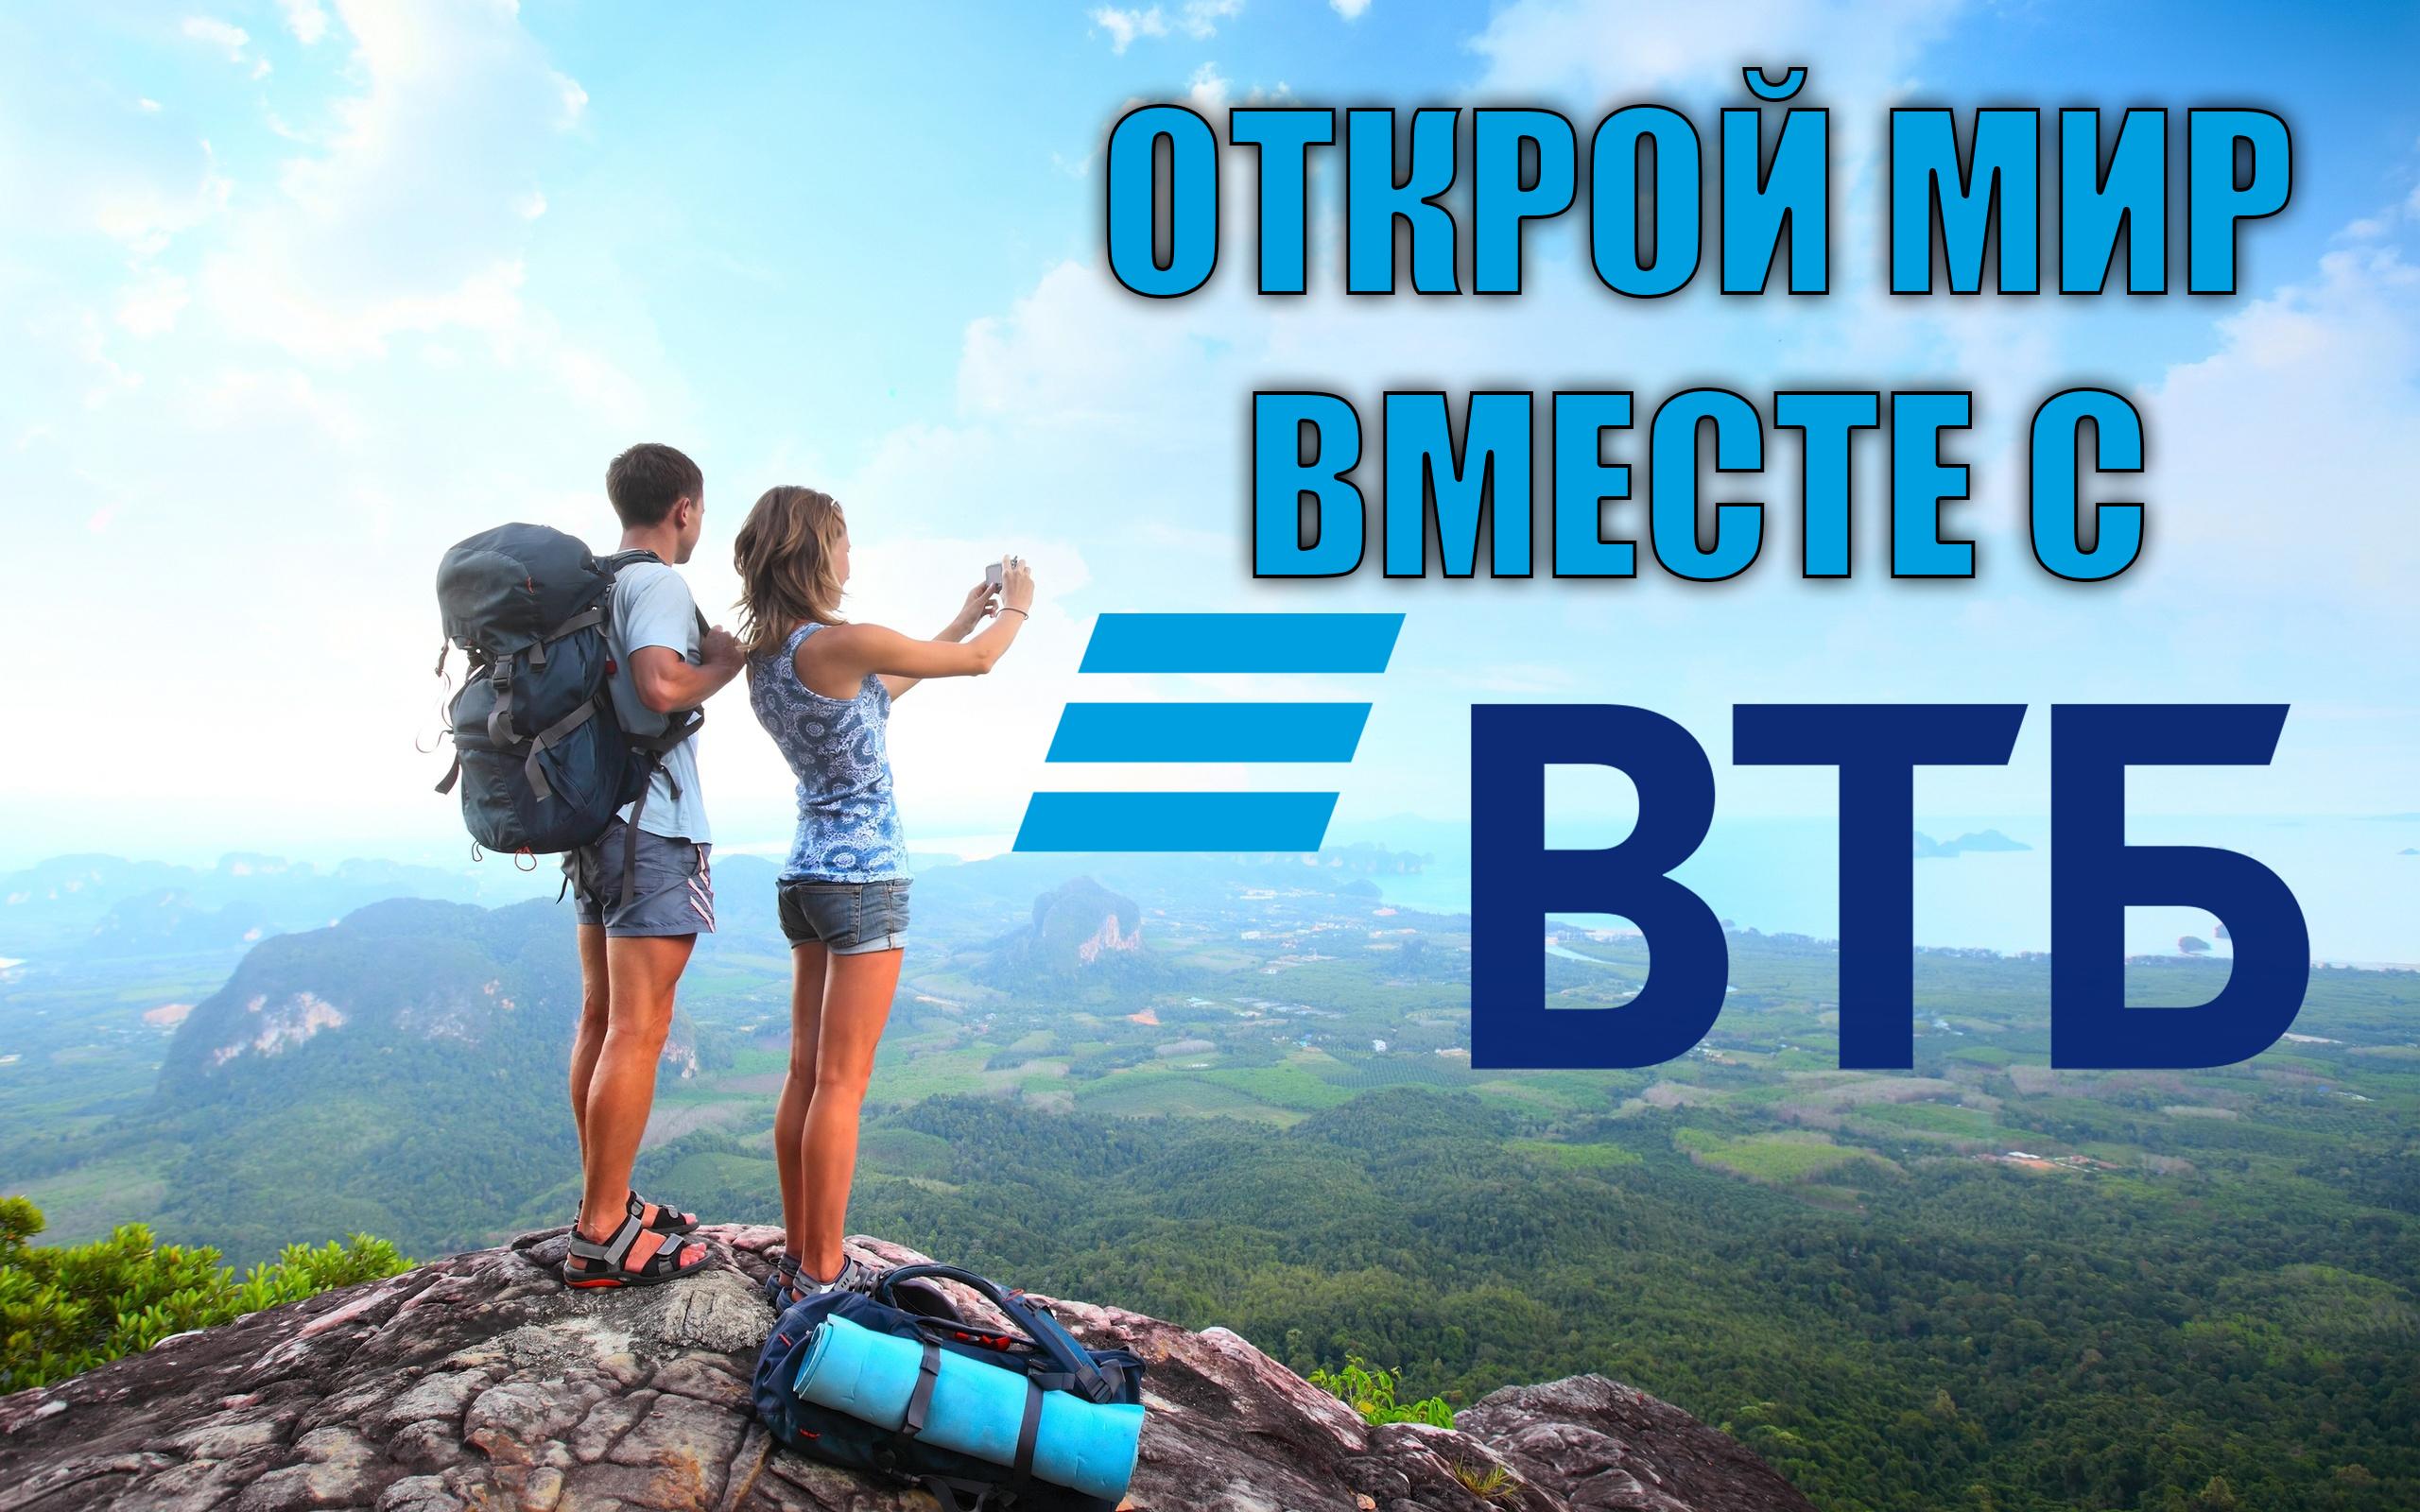 Программа Путешествия от ВТБ помогает путешествовать по миру